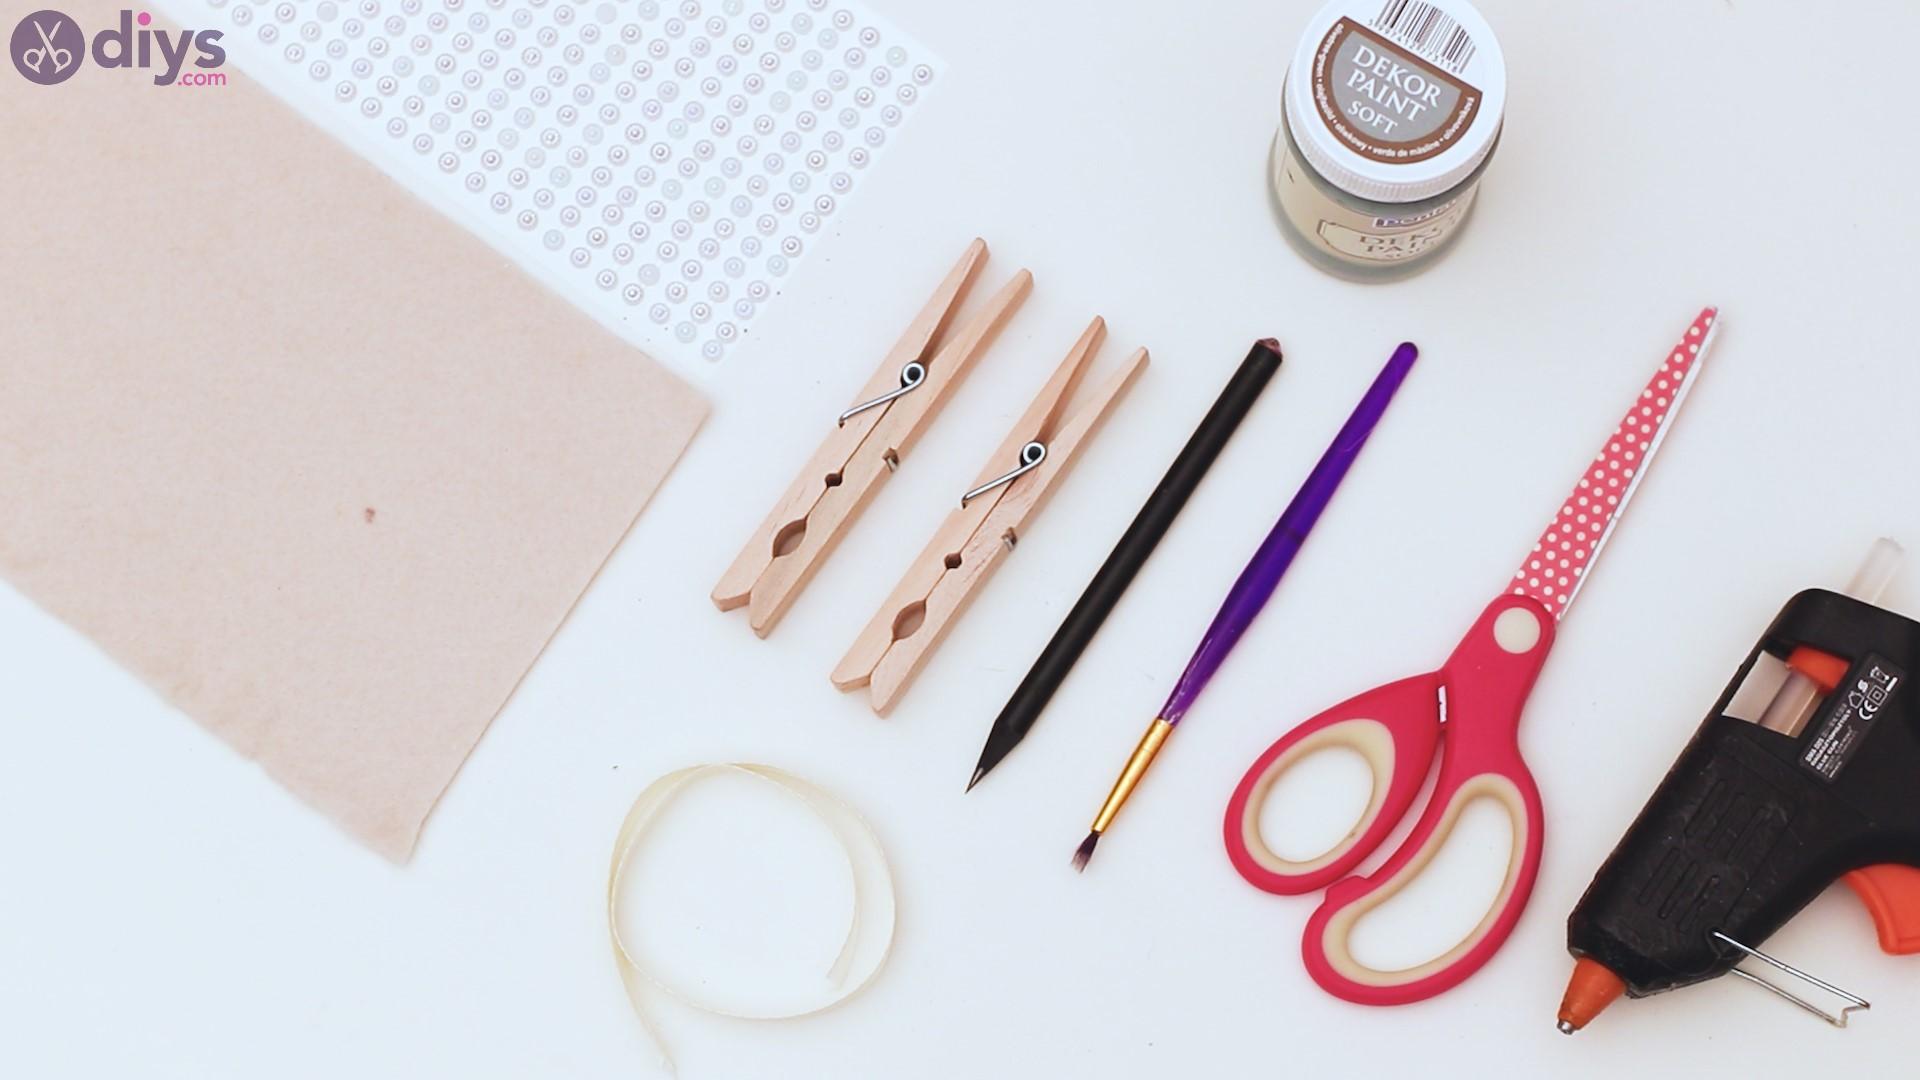 Felt card holder materials